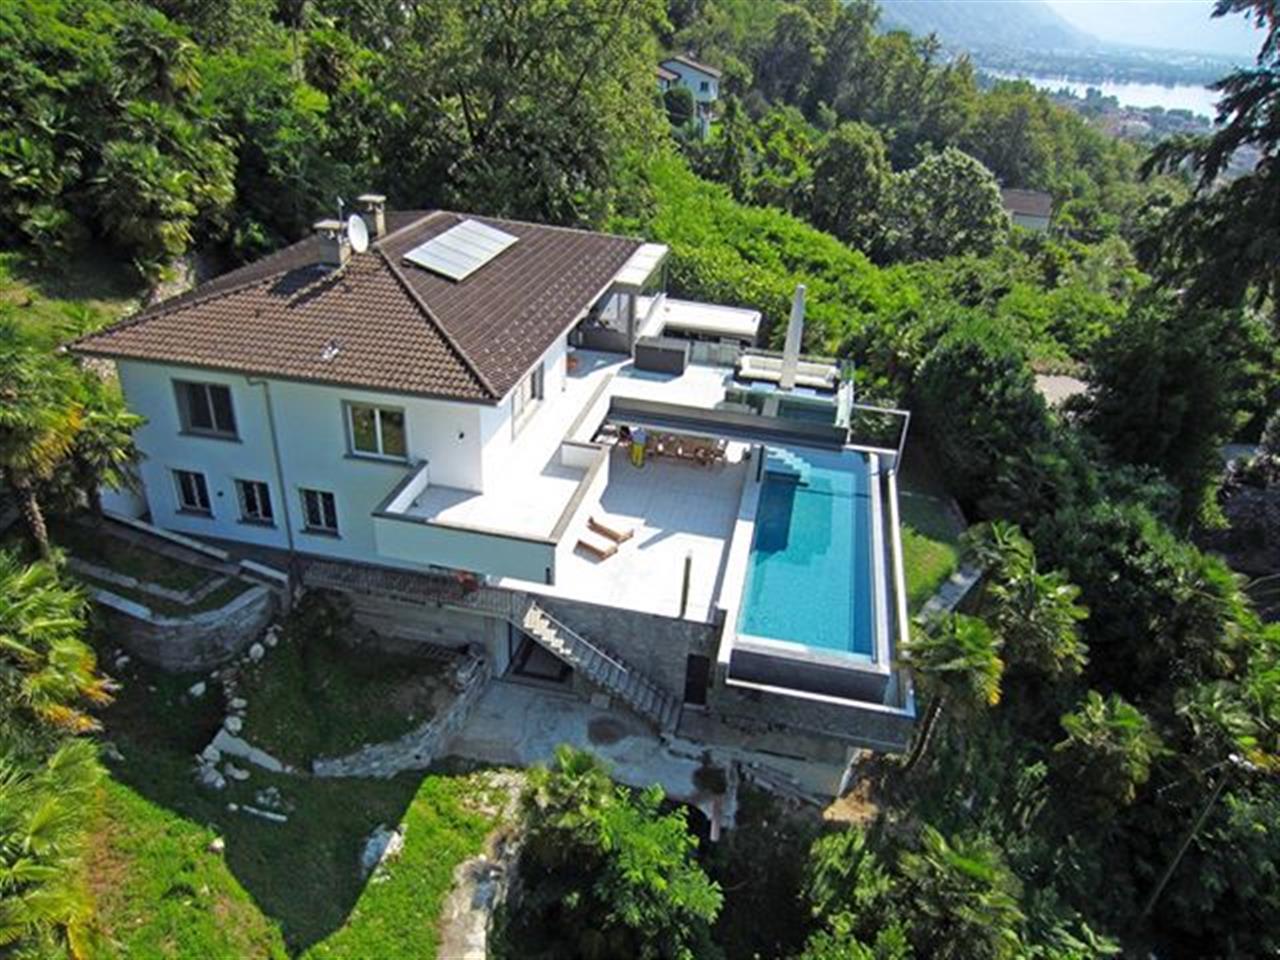 Villa within large park in privileged position above Locarno  #lakemaggiore #ticino #switzerland